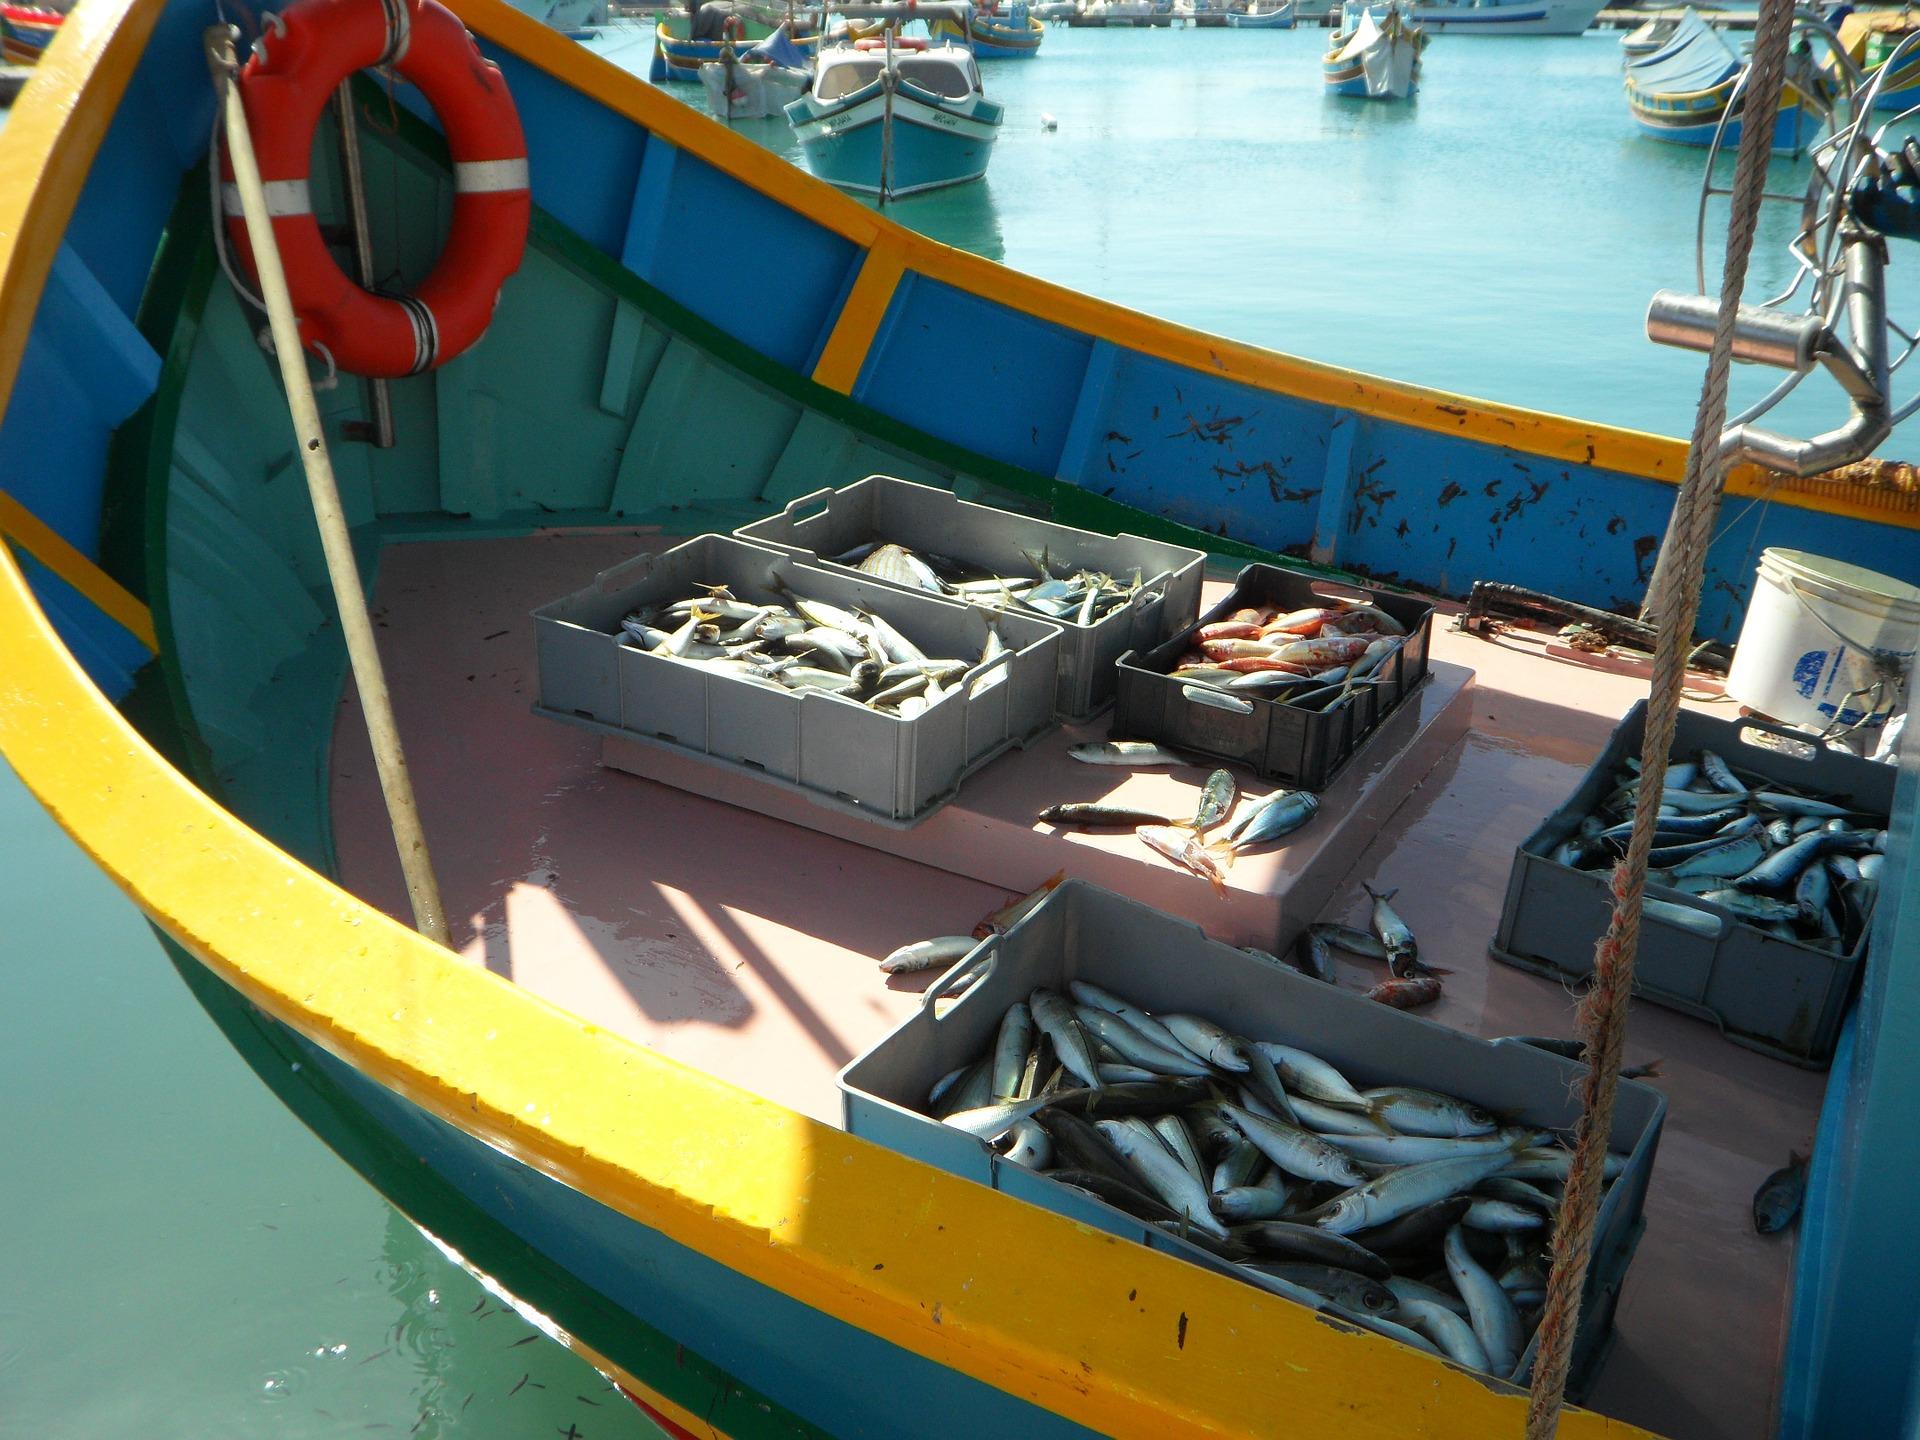 Ein buntes Fischerboot mit verschiedenen gefangenen Fischen in Kisten.